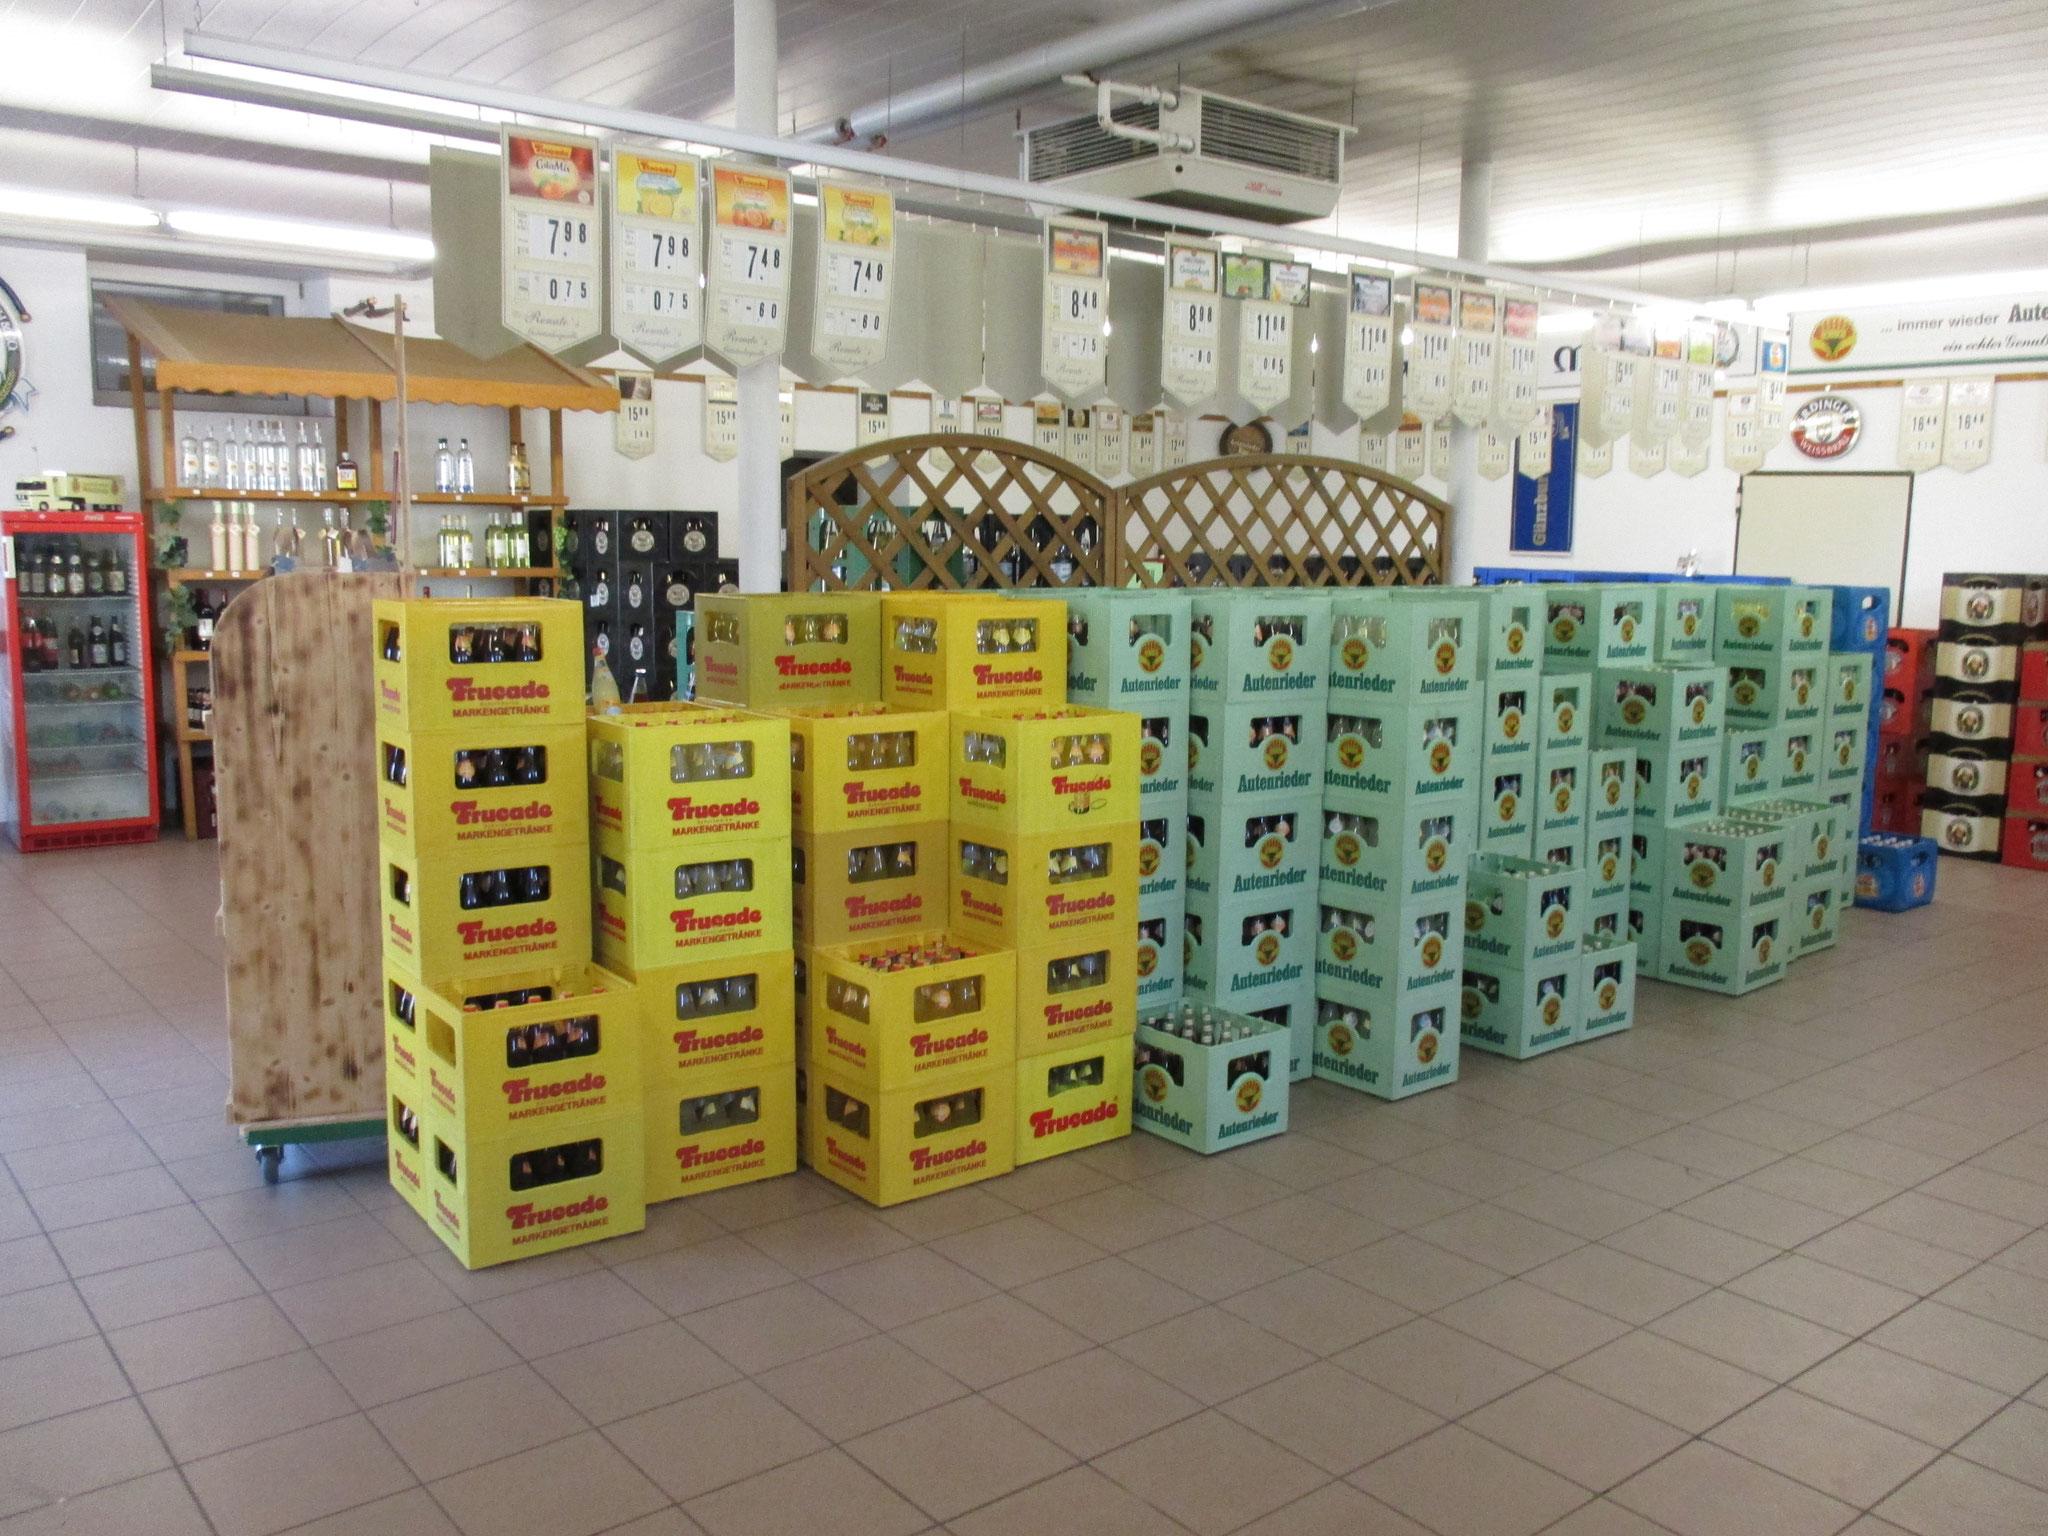 Regionale Hersteller